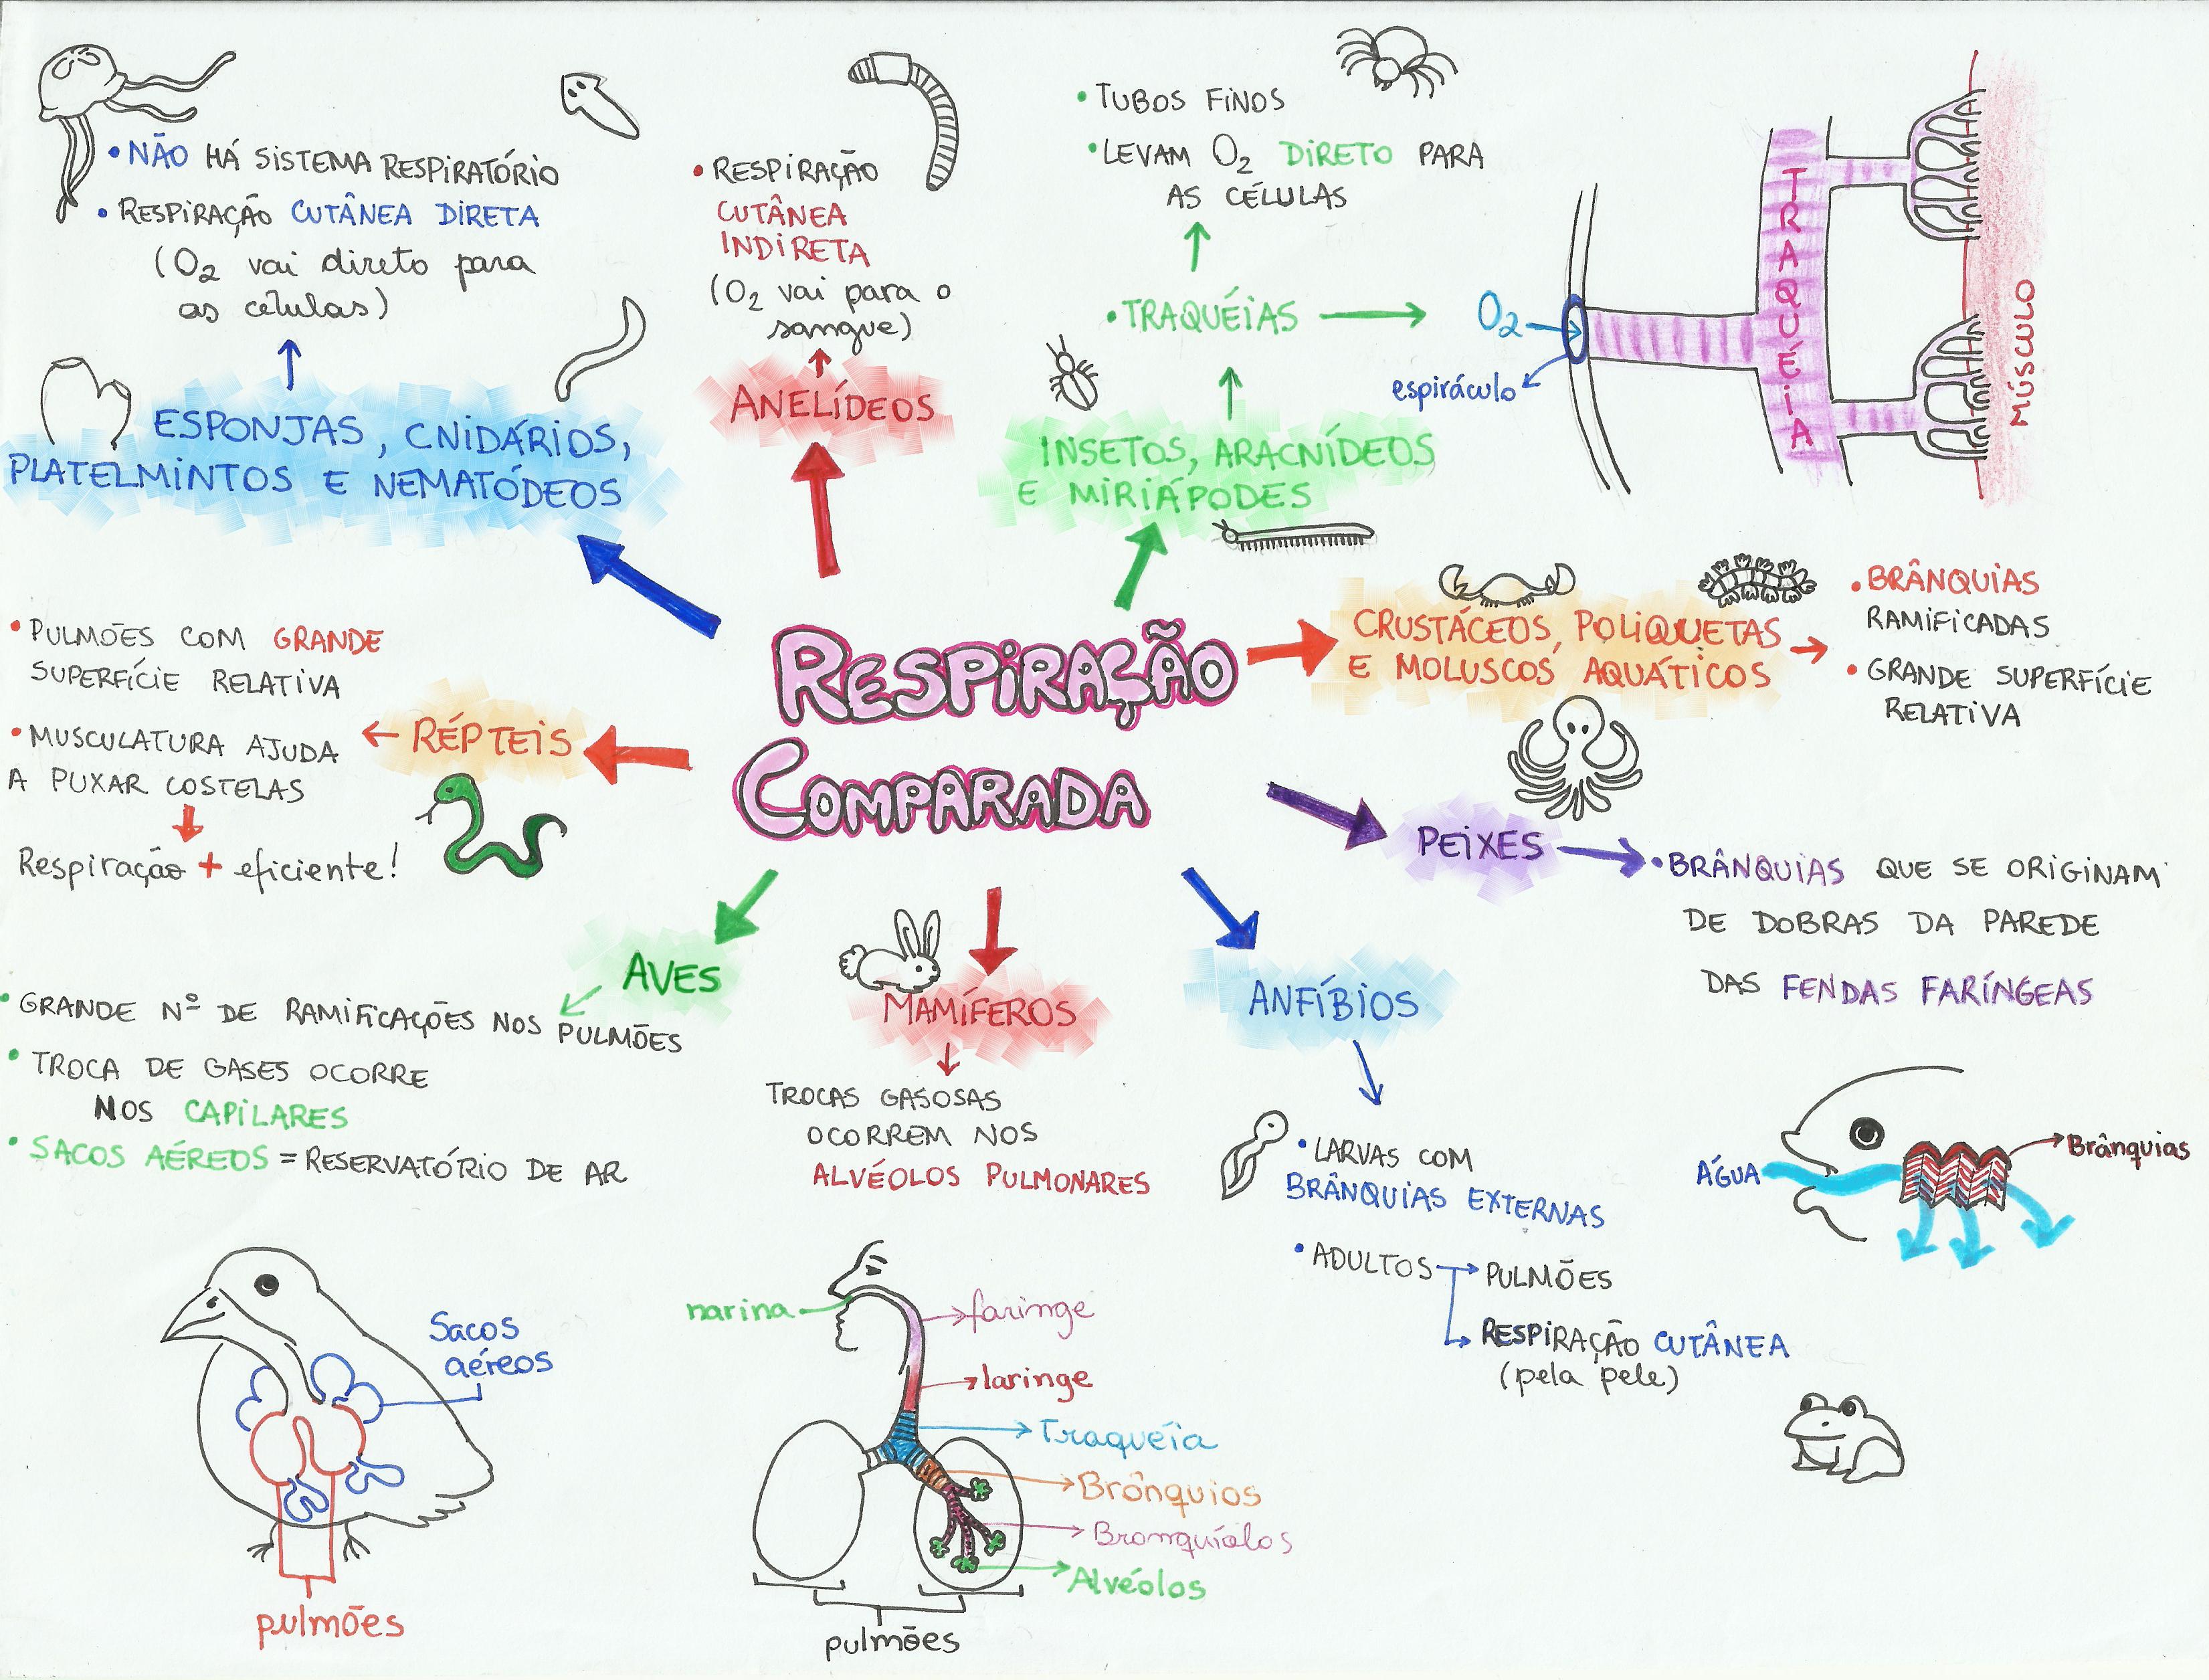 Mapa Mental: Respiração Comparada